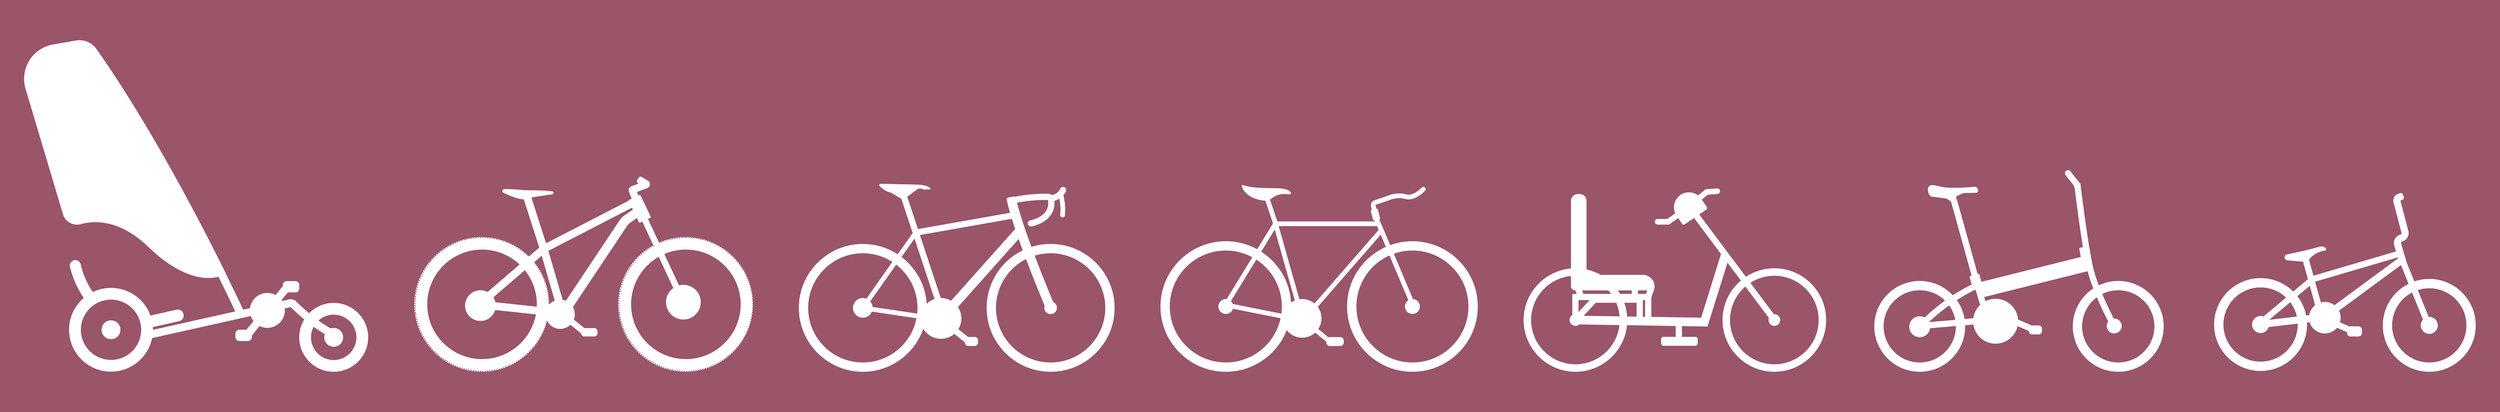 Bike icons-02.jpg